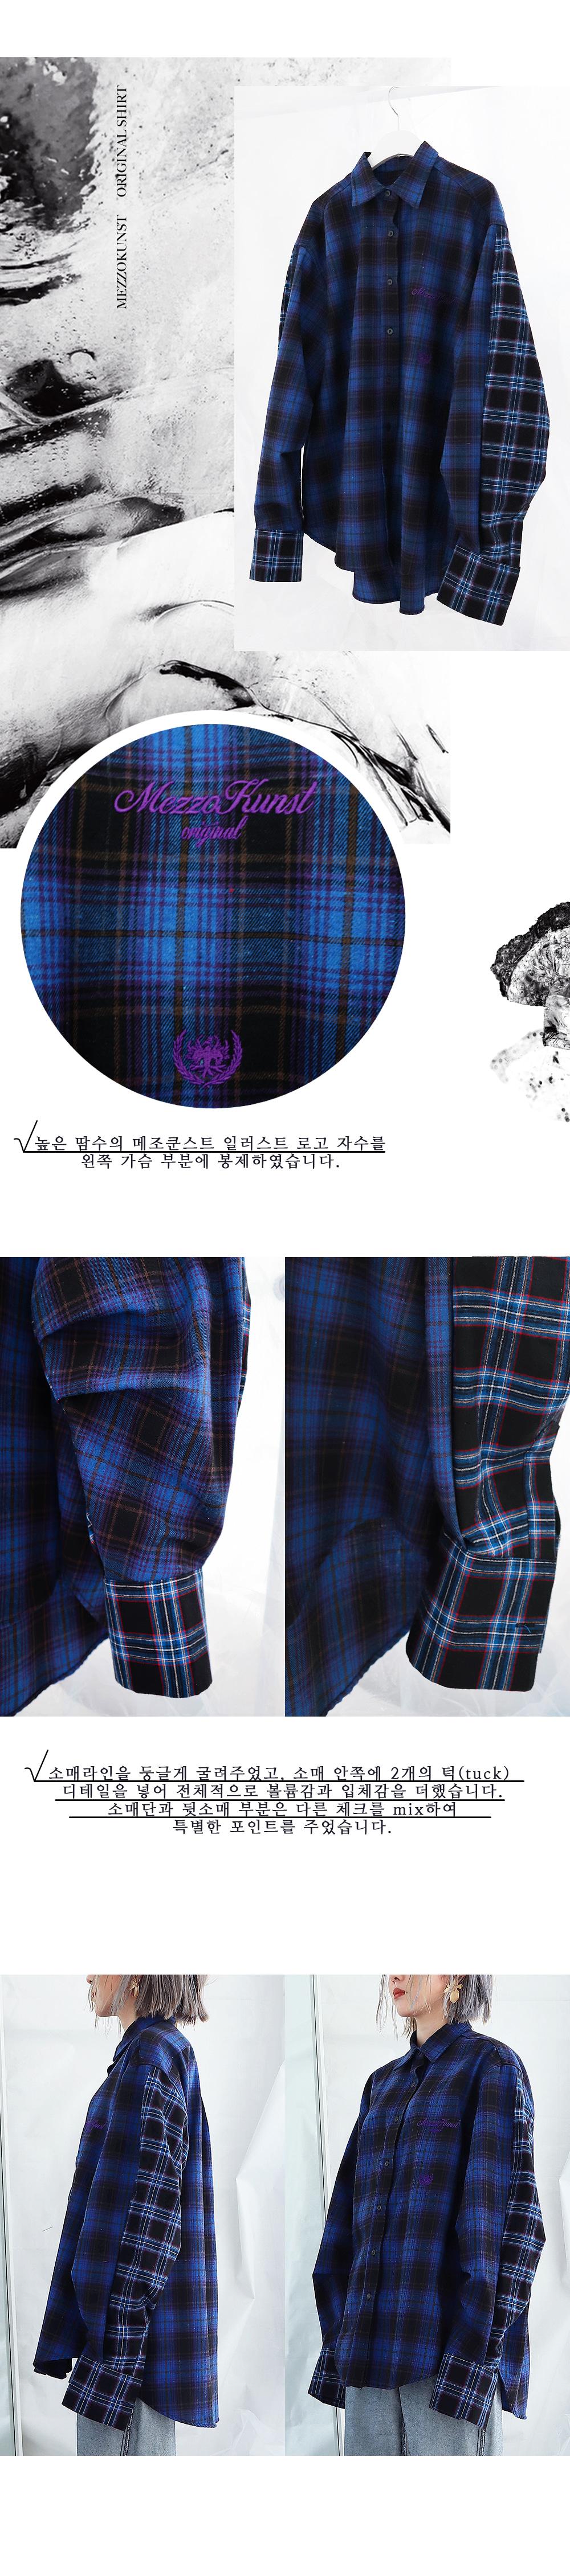 메조쿤스트(MEZZOKUNST) [한정판매] 남녀공용 오리지날 체크셔츠 - BLUE MIX